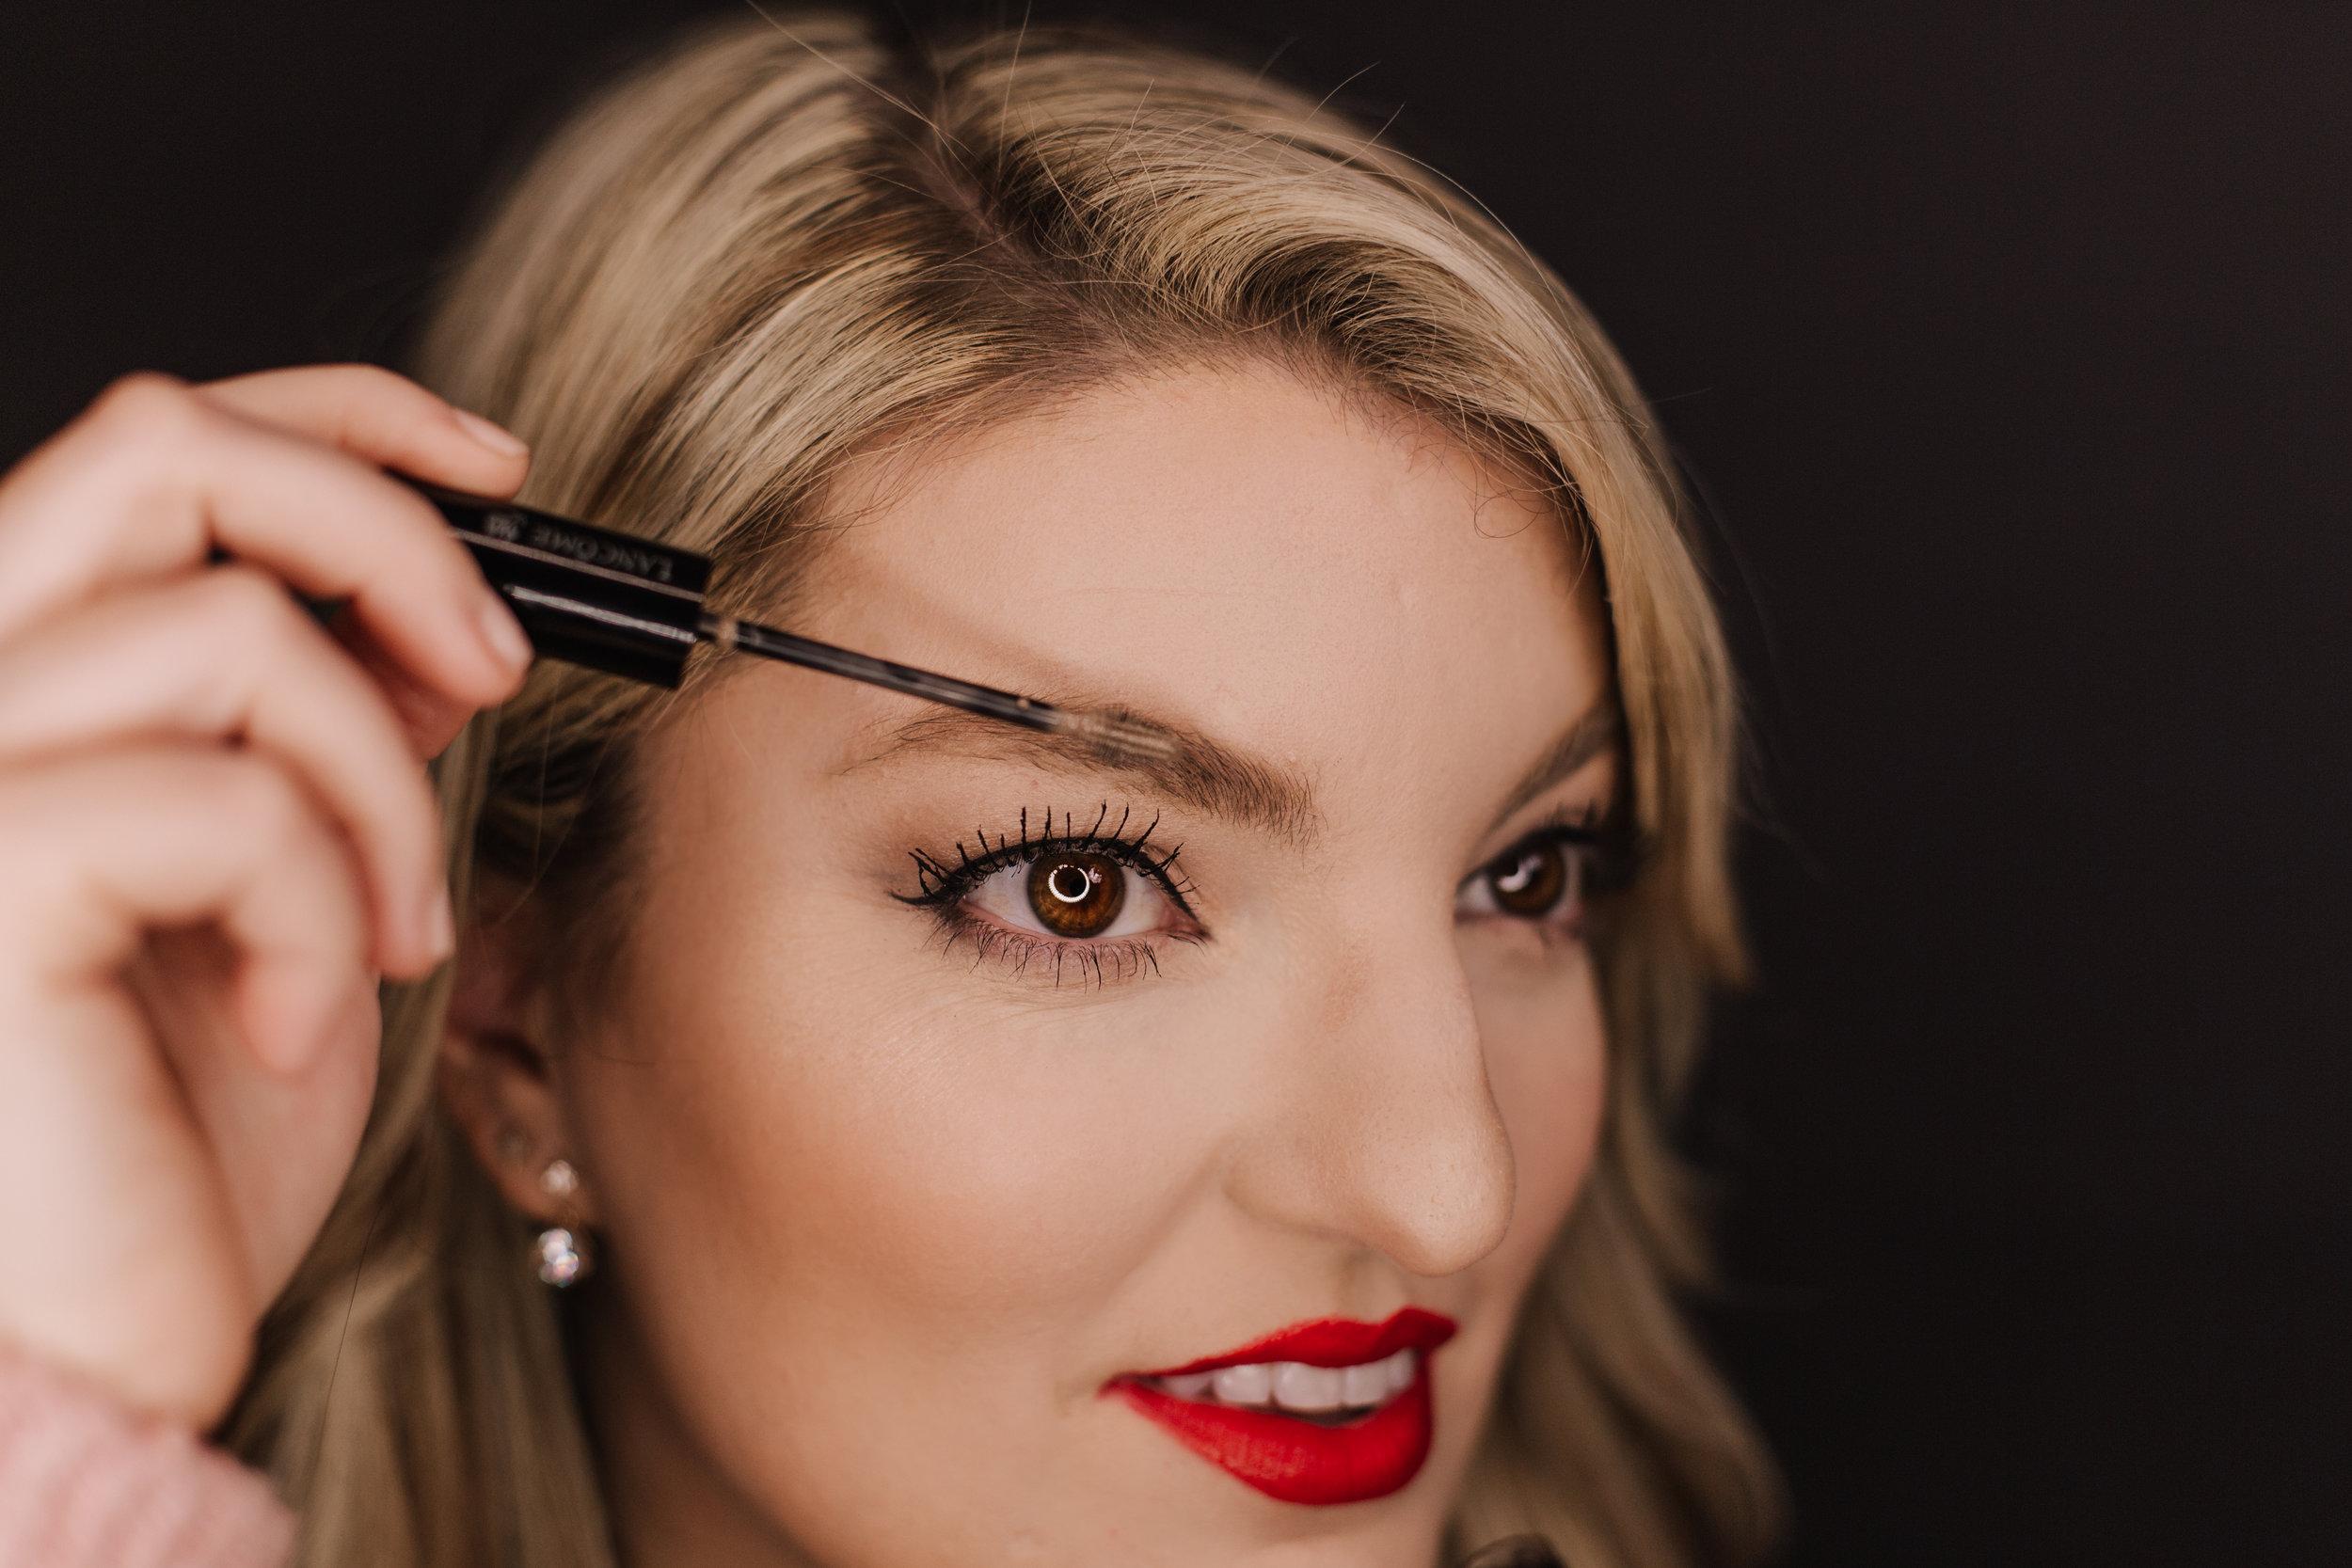 Lancome Makeup Tutorial, Eyebrow Makeup Tutorial, Eyebrow Makeup, Makeup Tutorial